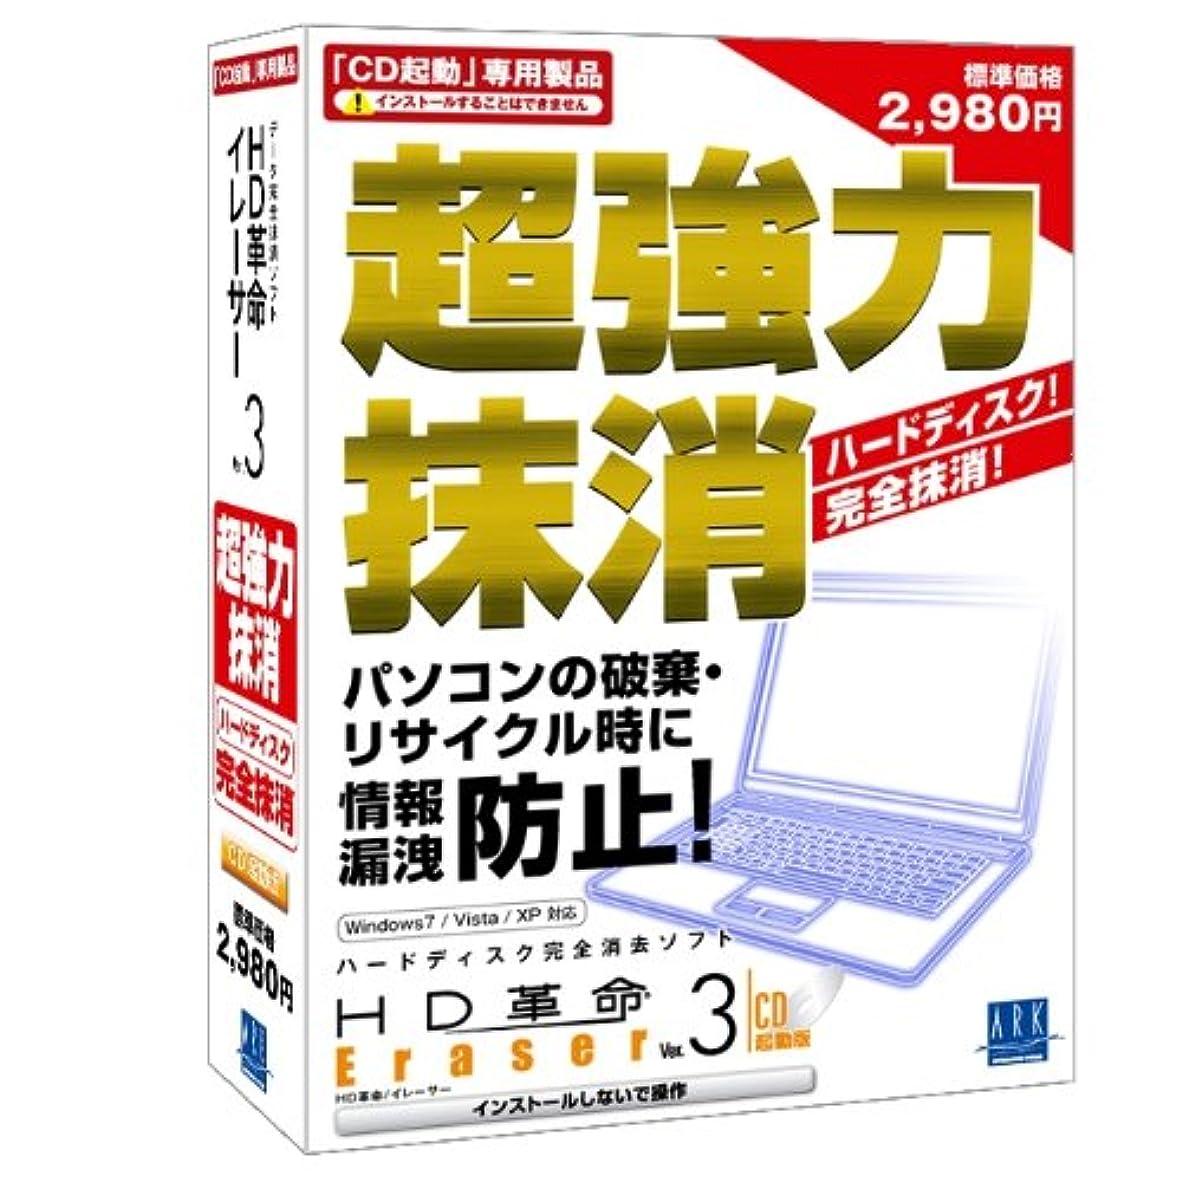 アーク情報システム HD革命/Eraser Ver.3 CD起動版